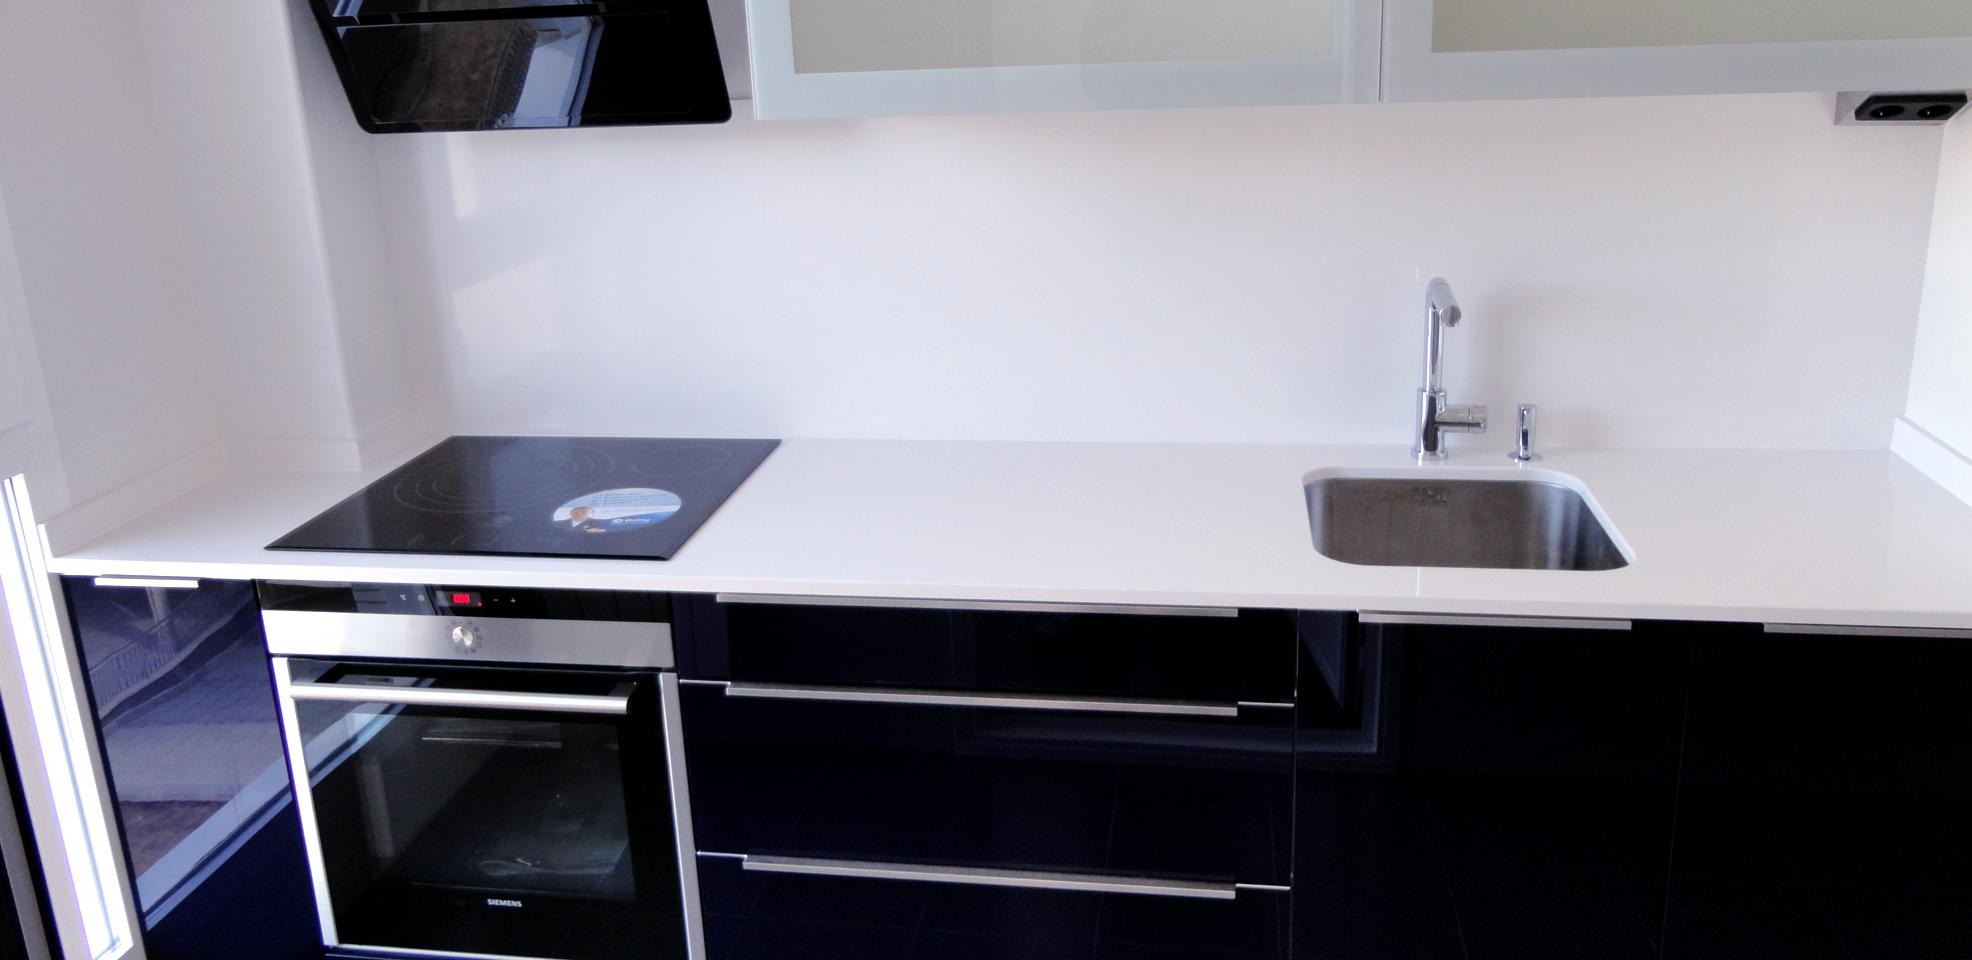 Muebles de cocina en cristal de dise o for Diseno muebles para cocina